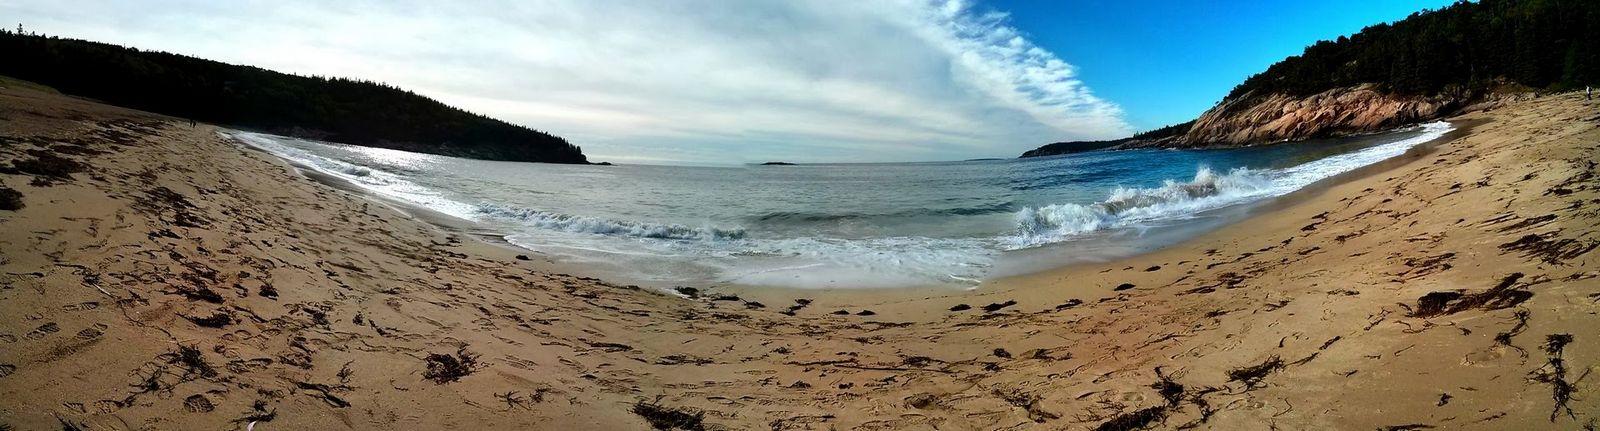 Sand Beach de extremo a extremo